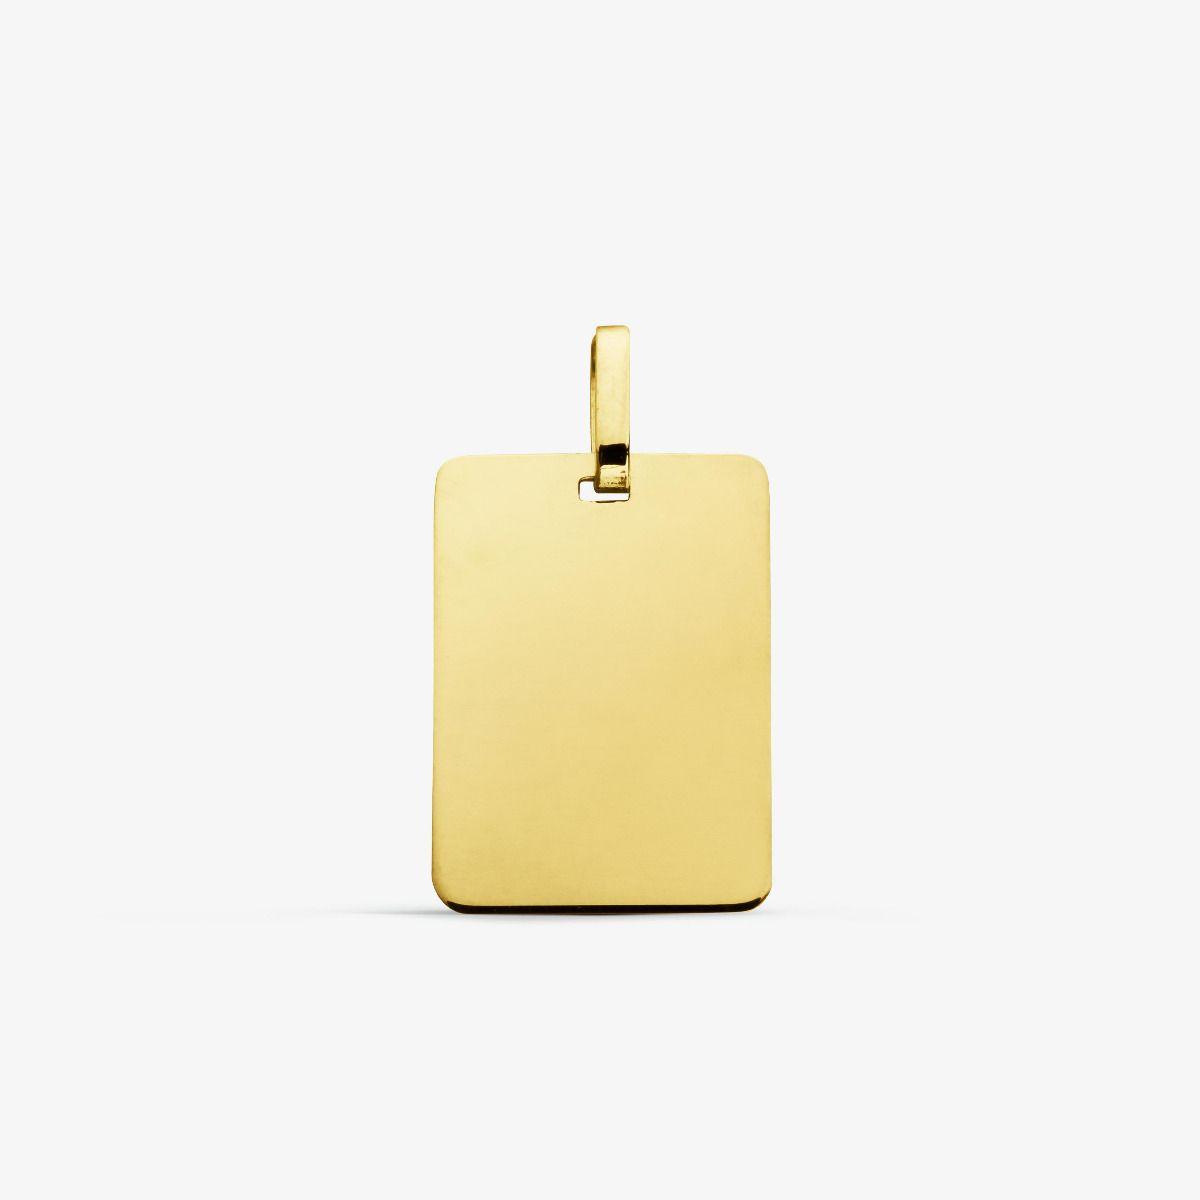 Médaille rectangulaire en Or jaune 18 carats - 17 mm